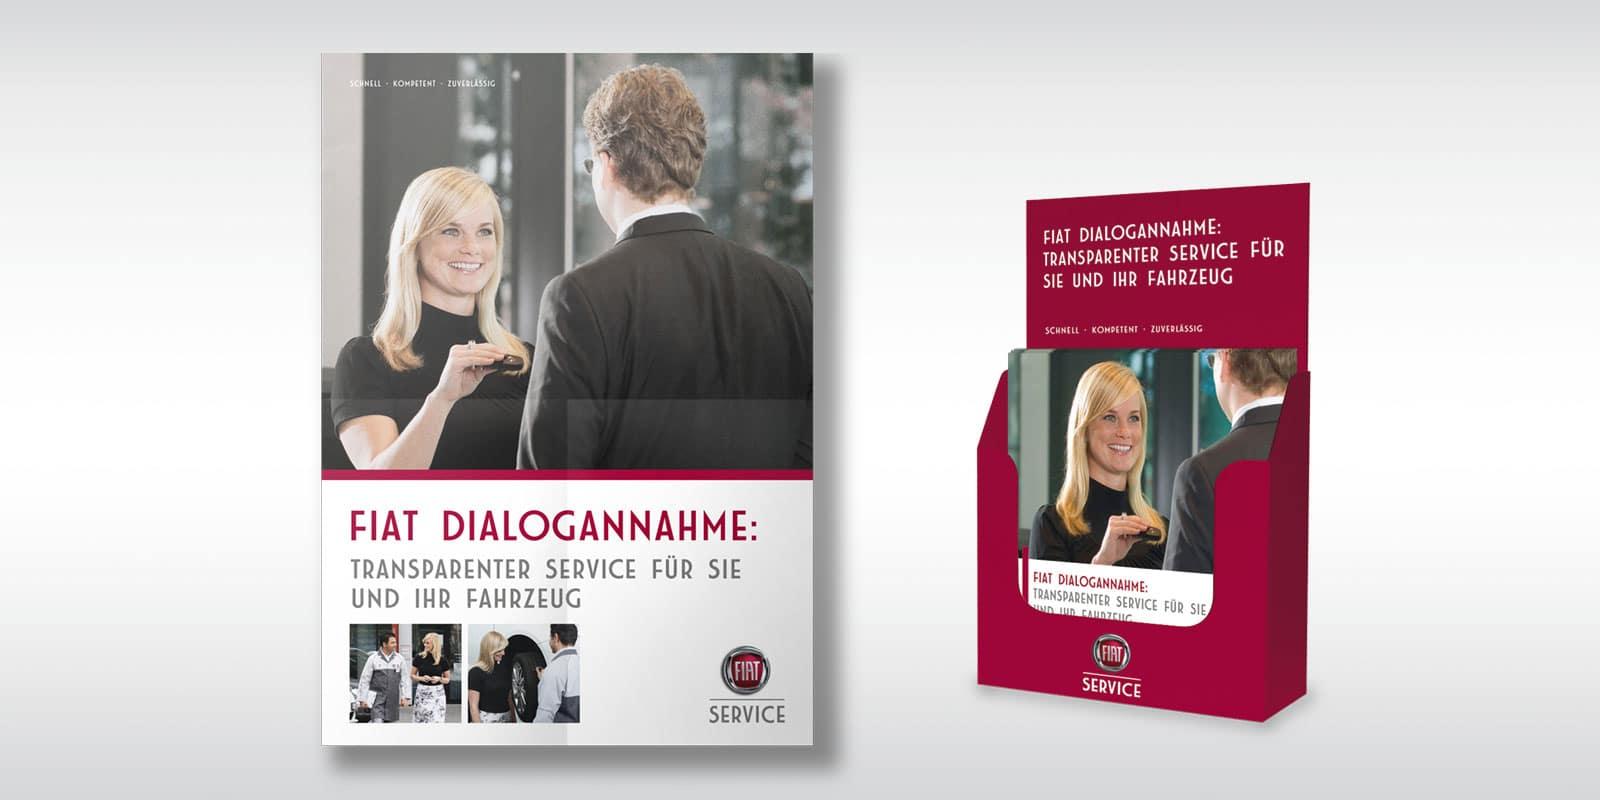 Fiat Group – Werbemittel Dialogannahme